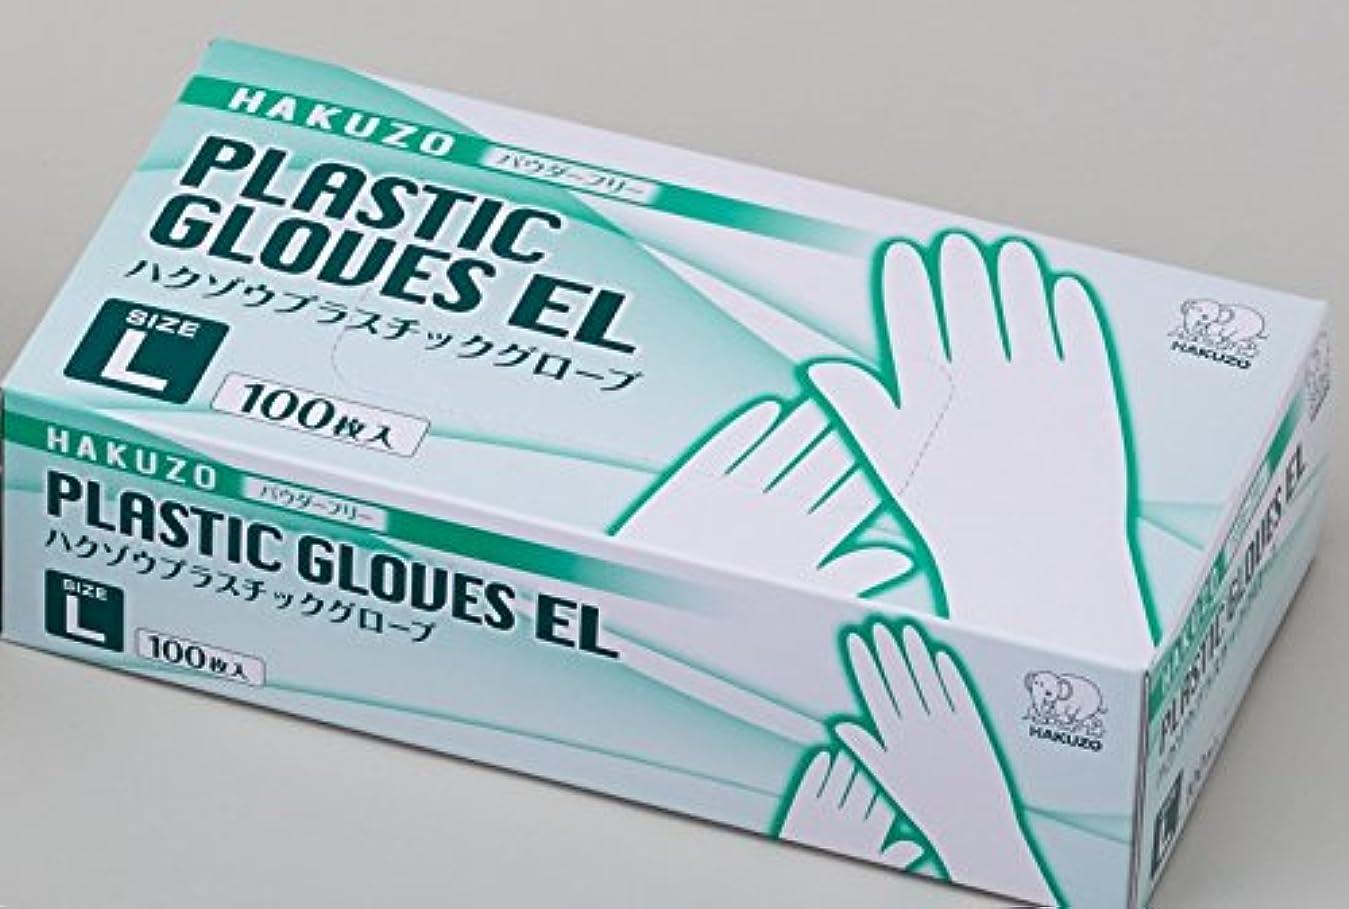 上下する粘性の信頼性のあるハクゾウメディカル ハクゾウプラスチックグローブELパウダーフリーL 3024103